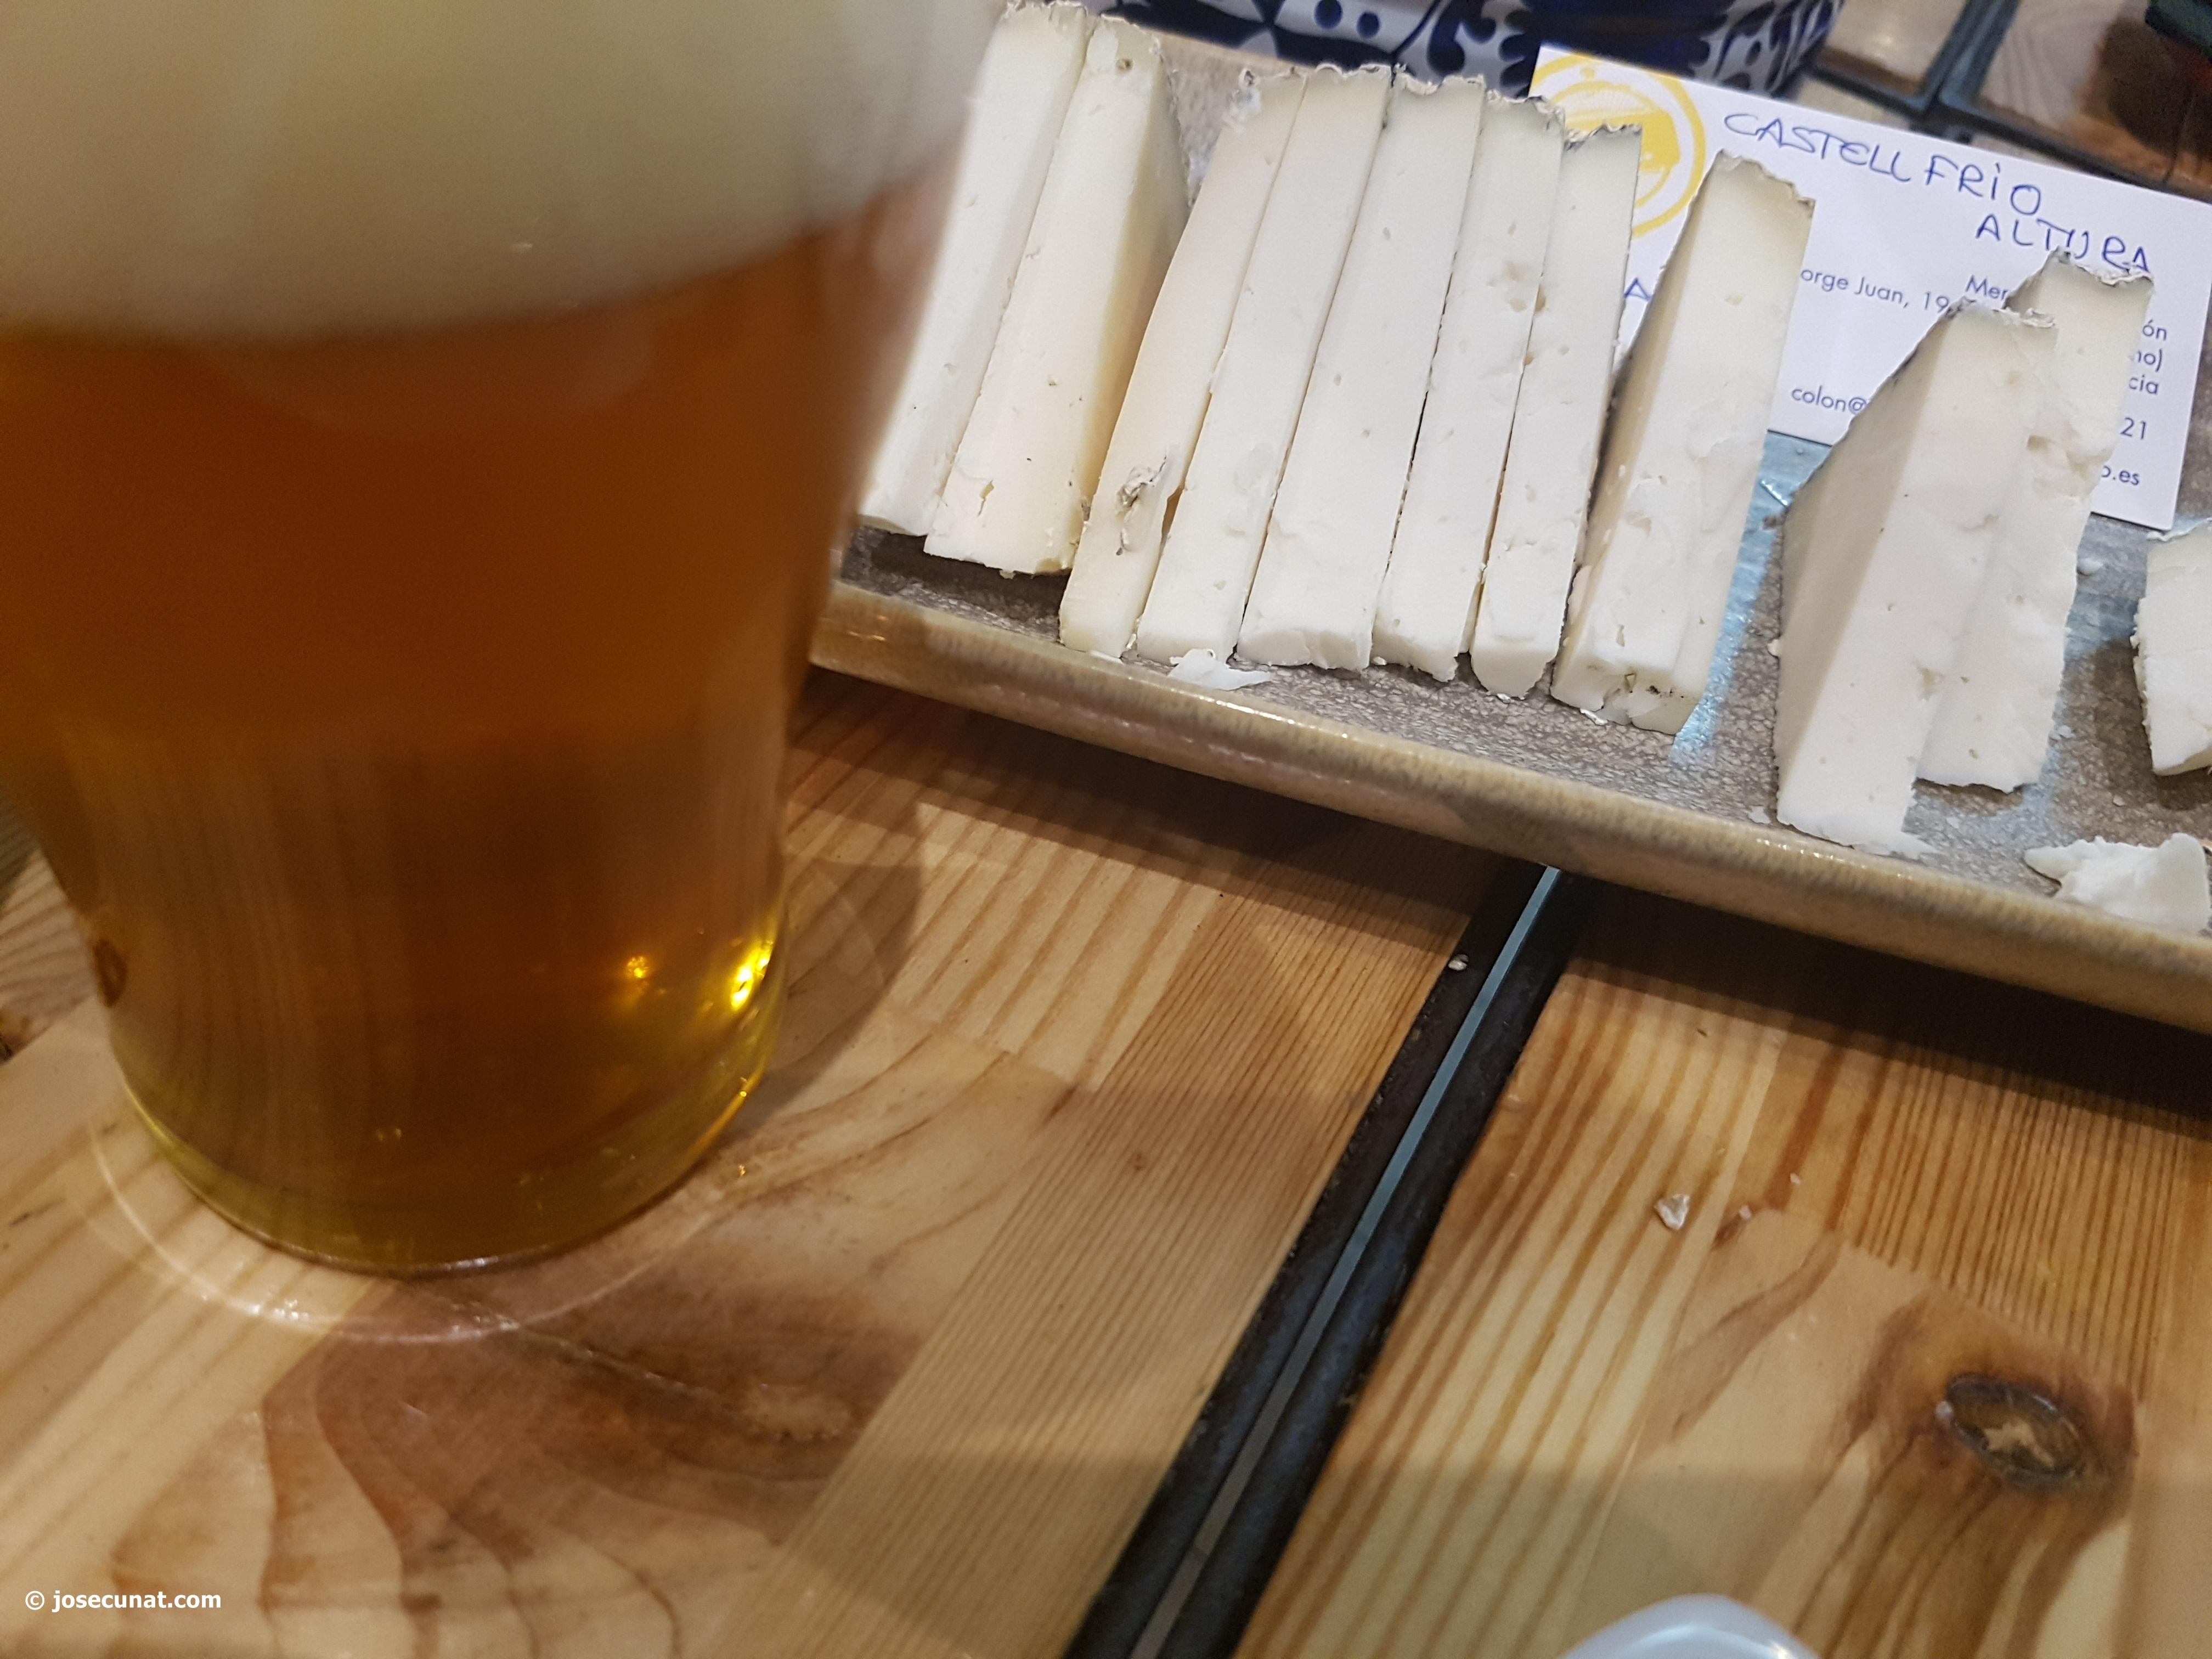 Valencia Beer Week, durante toda la semana en Las cervezas del mercado se propondrá un maridaje de cerveza y quesos artesanales valencianos